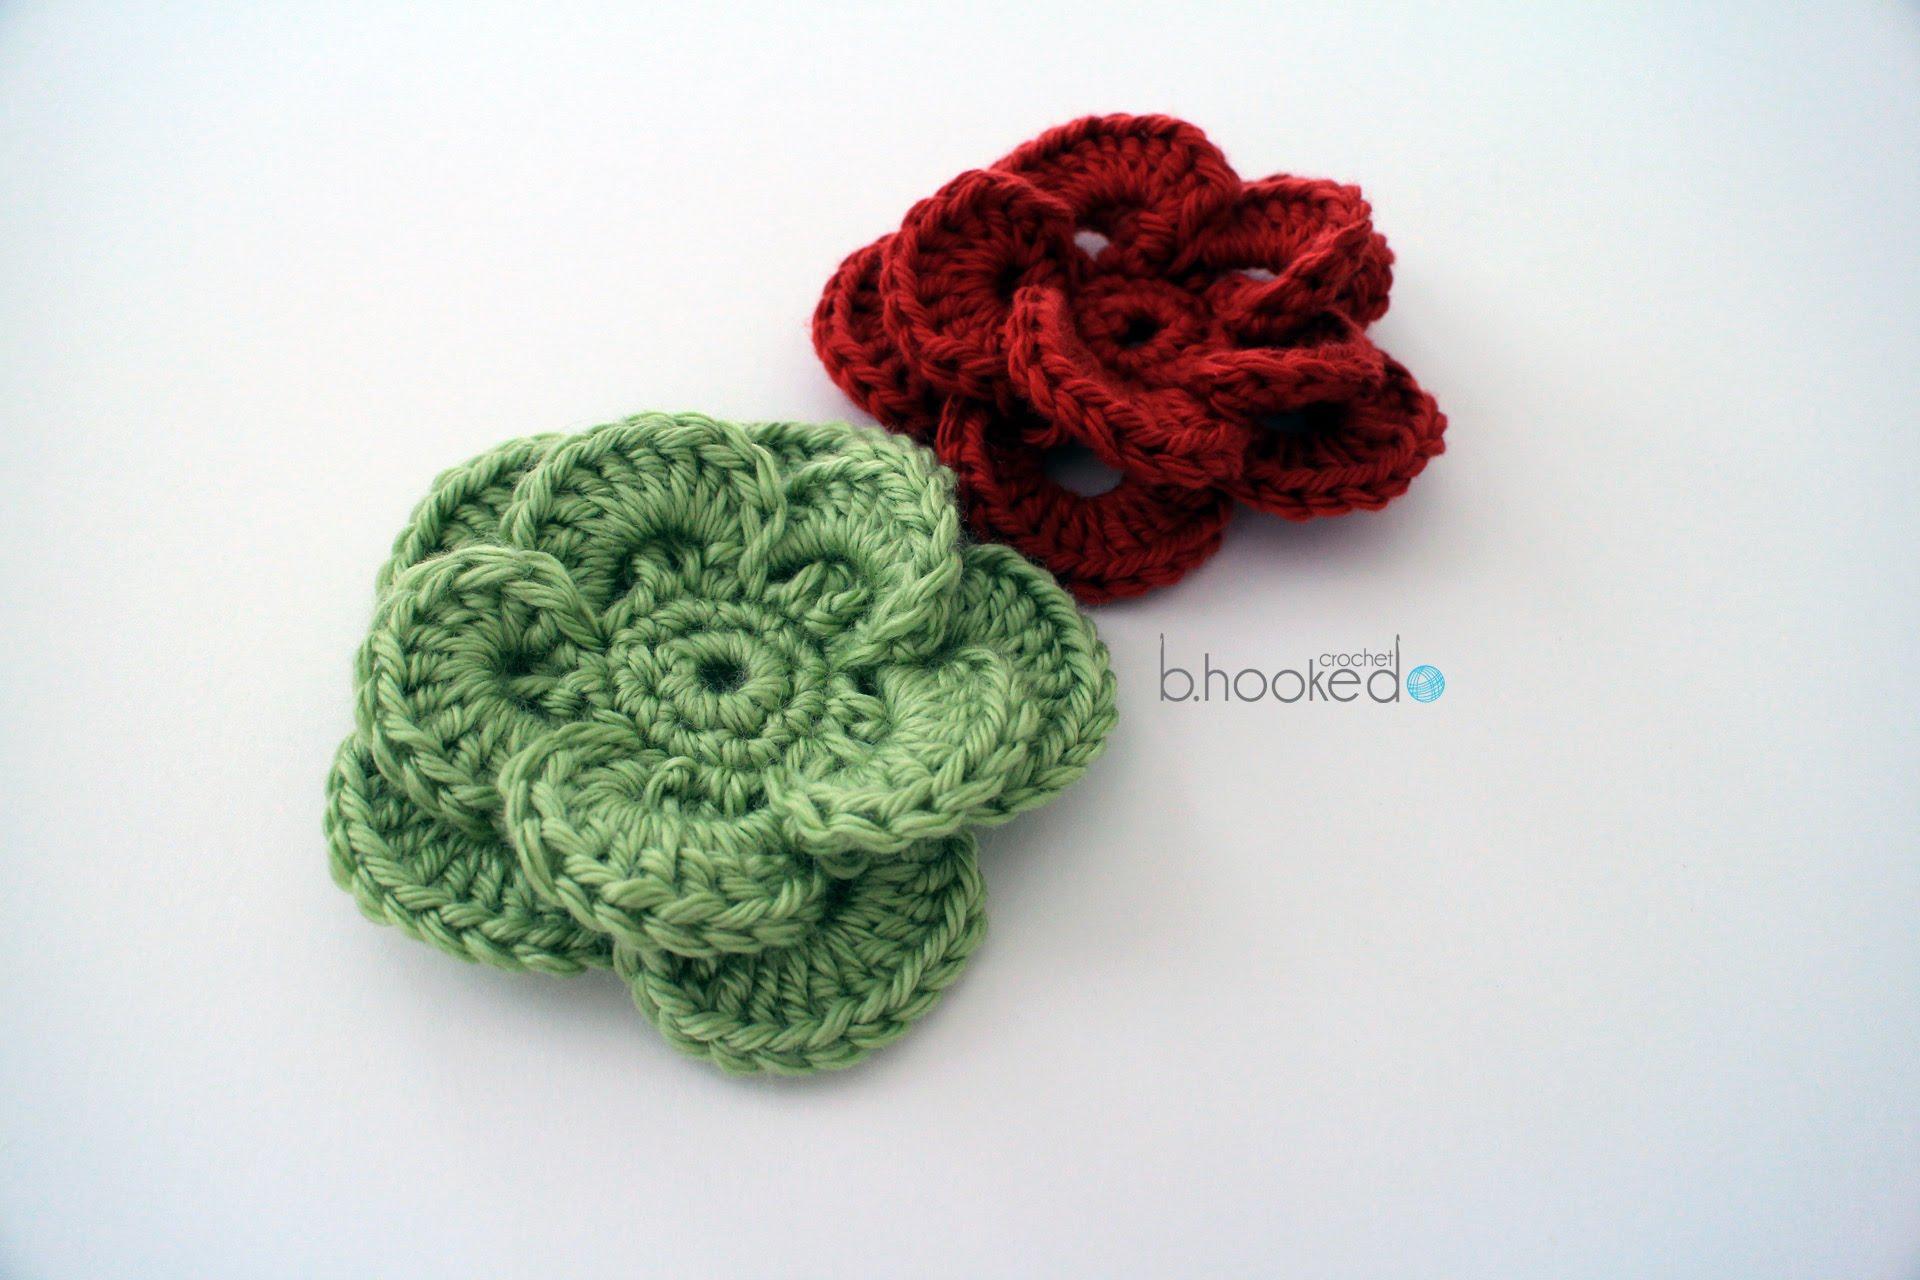 flower crochet pattern how to crochet a flower: crochet wagon wheel flower free crochet pattern -  youtube ZLWRUNU